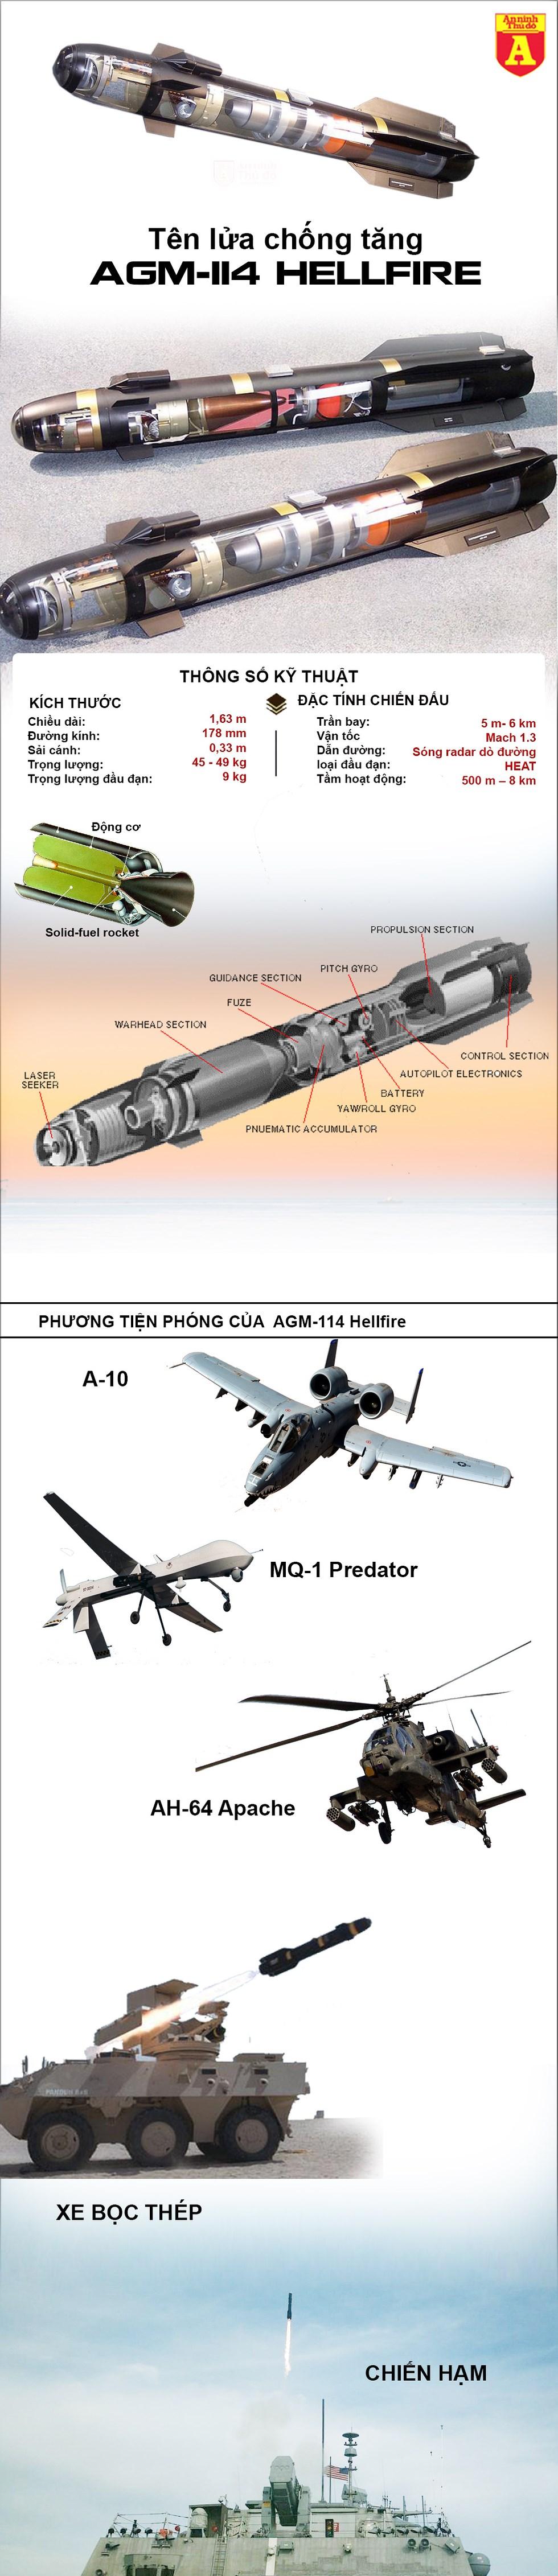 """[Infographics] Sức mạnh kinh hoàng từ """"tên lửa hỏa ngục"""" của Mỹ khiến đối thủ lo sợ - Ảnh 1"""